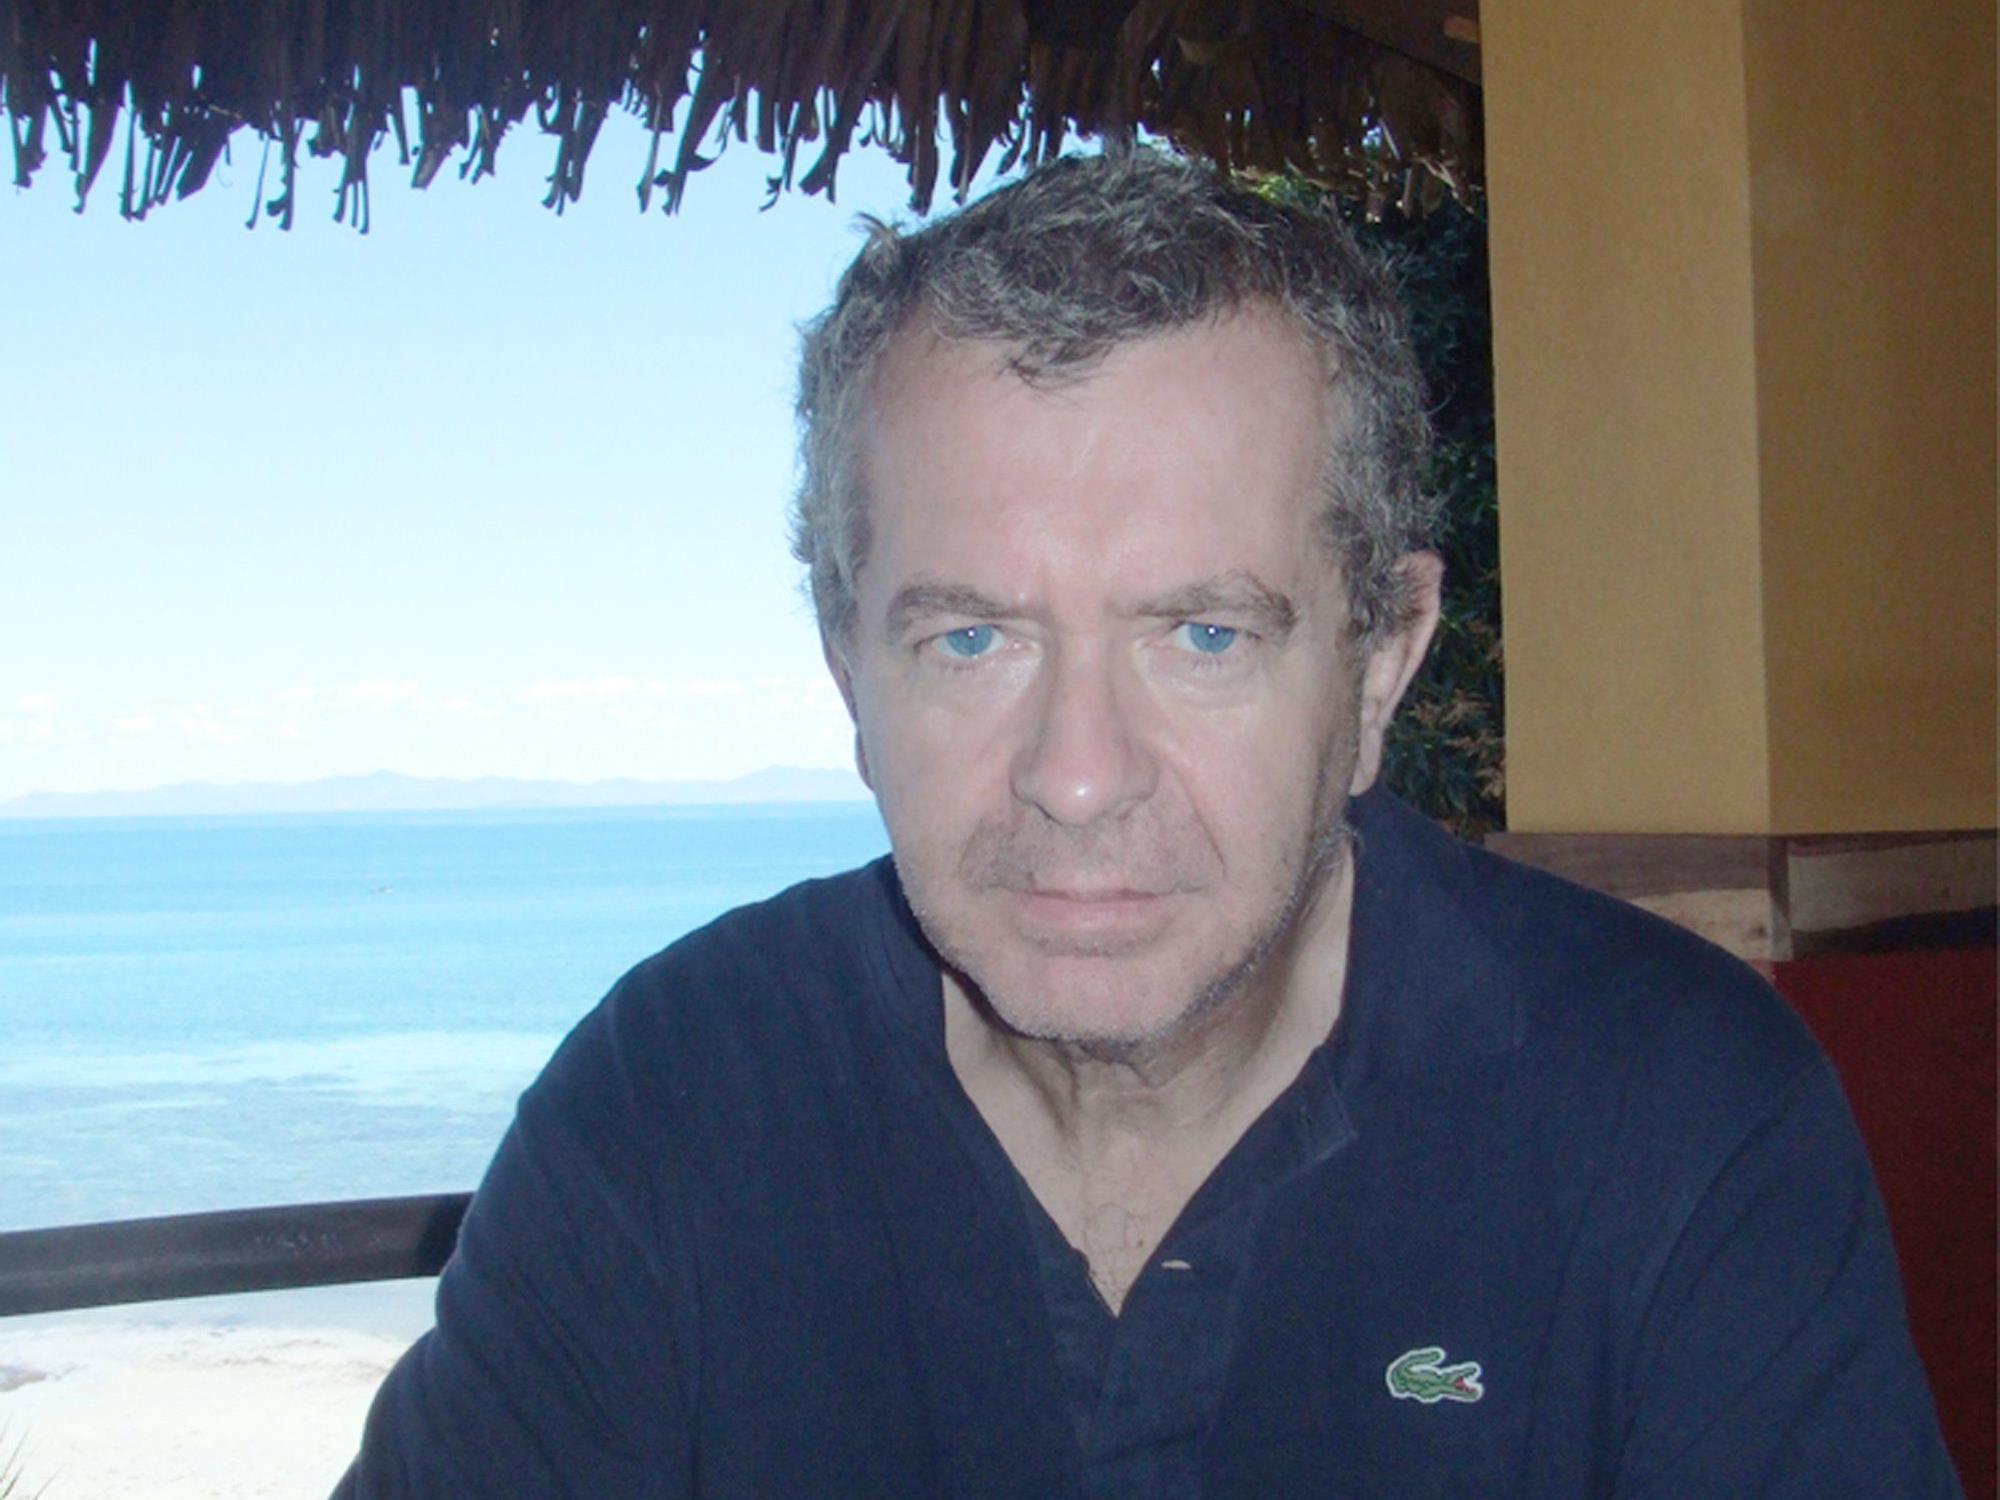 Philippe Verdon (im Bild) war im November 2011 im Norden Malis verschleppt worden.